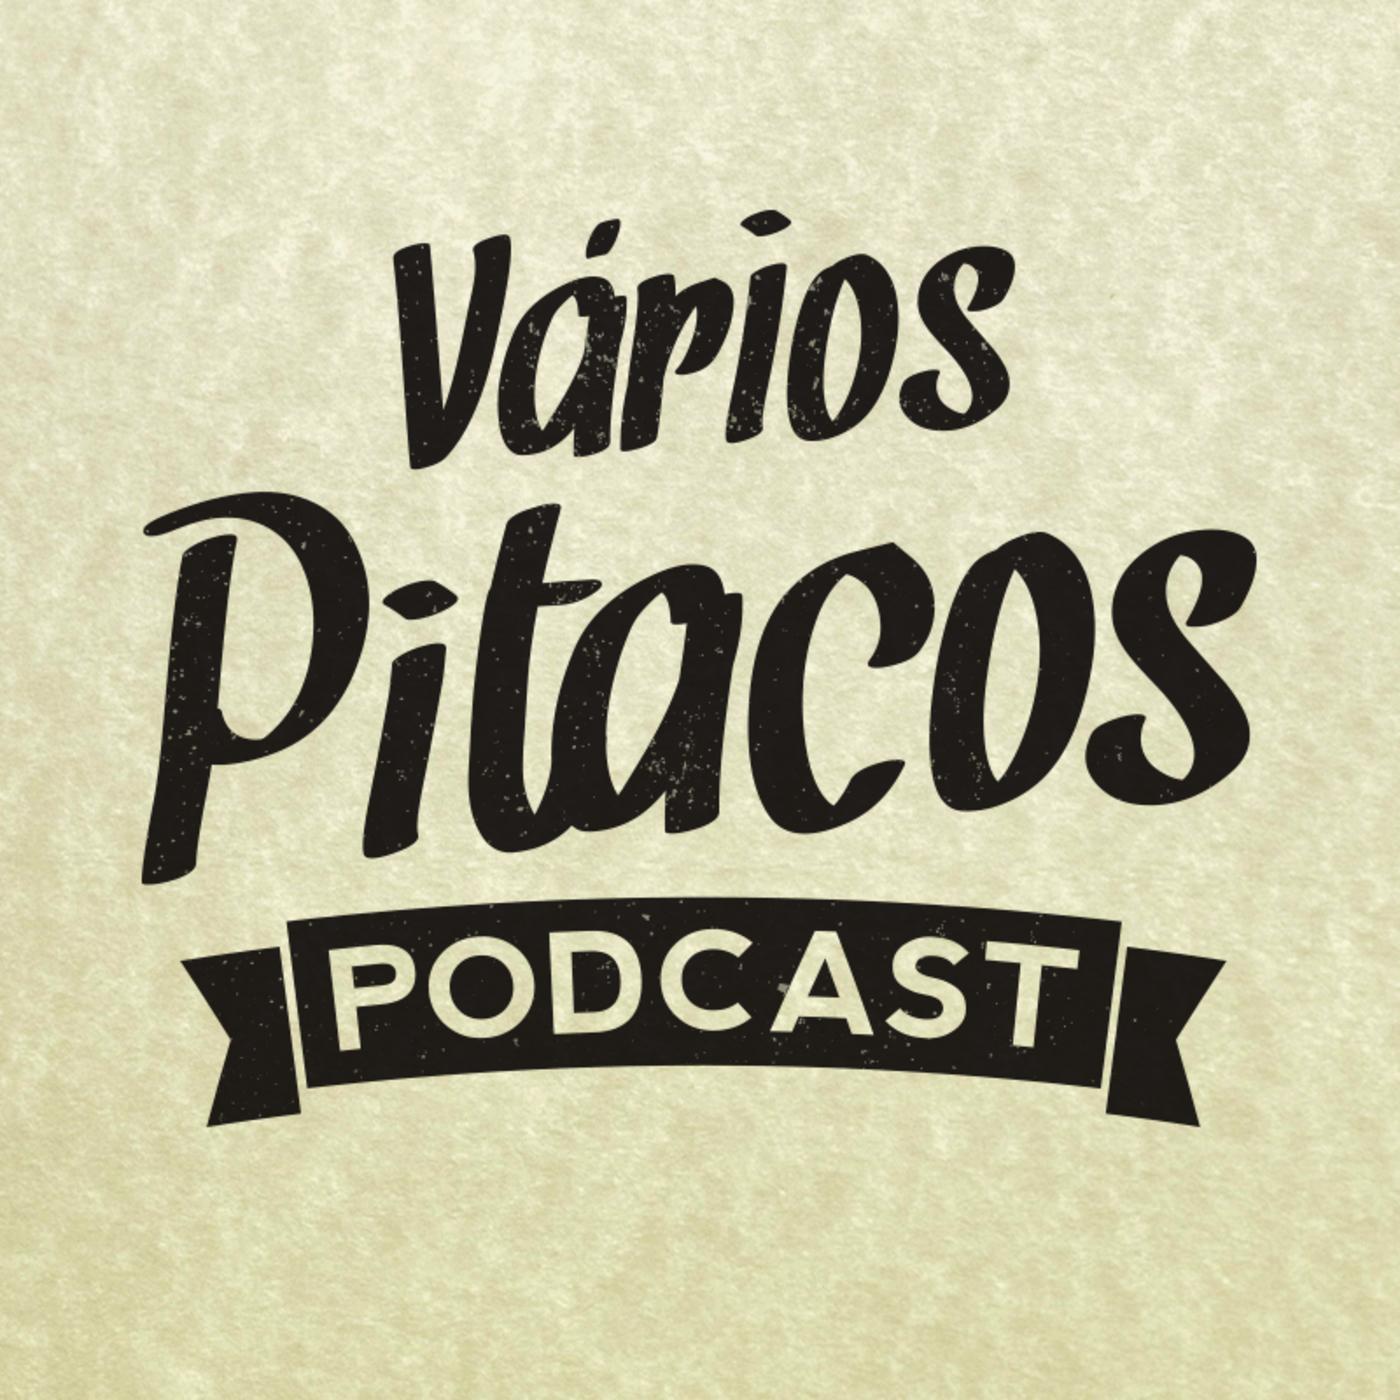 Vários Pitacos Podcast